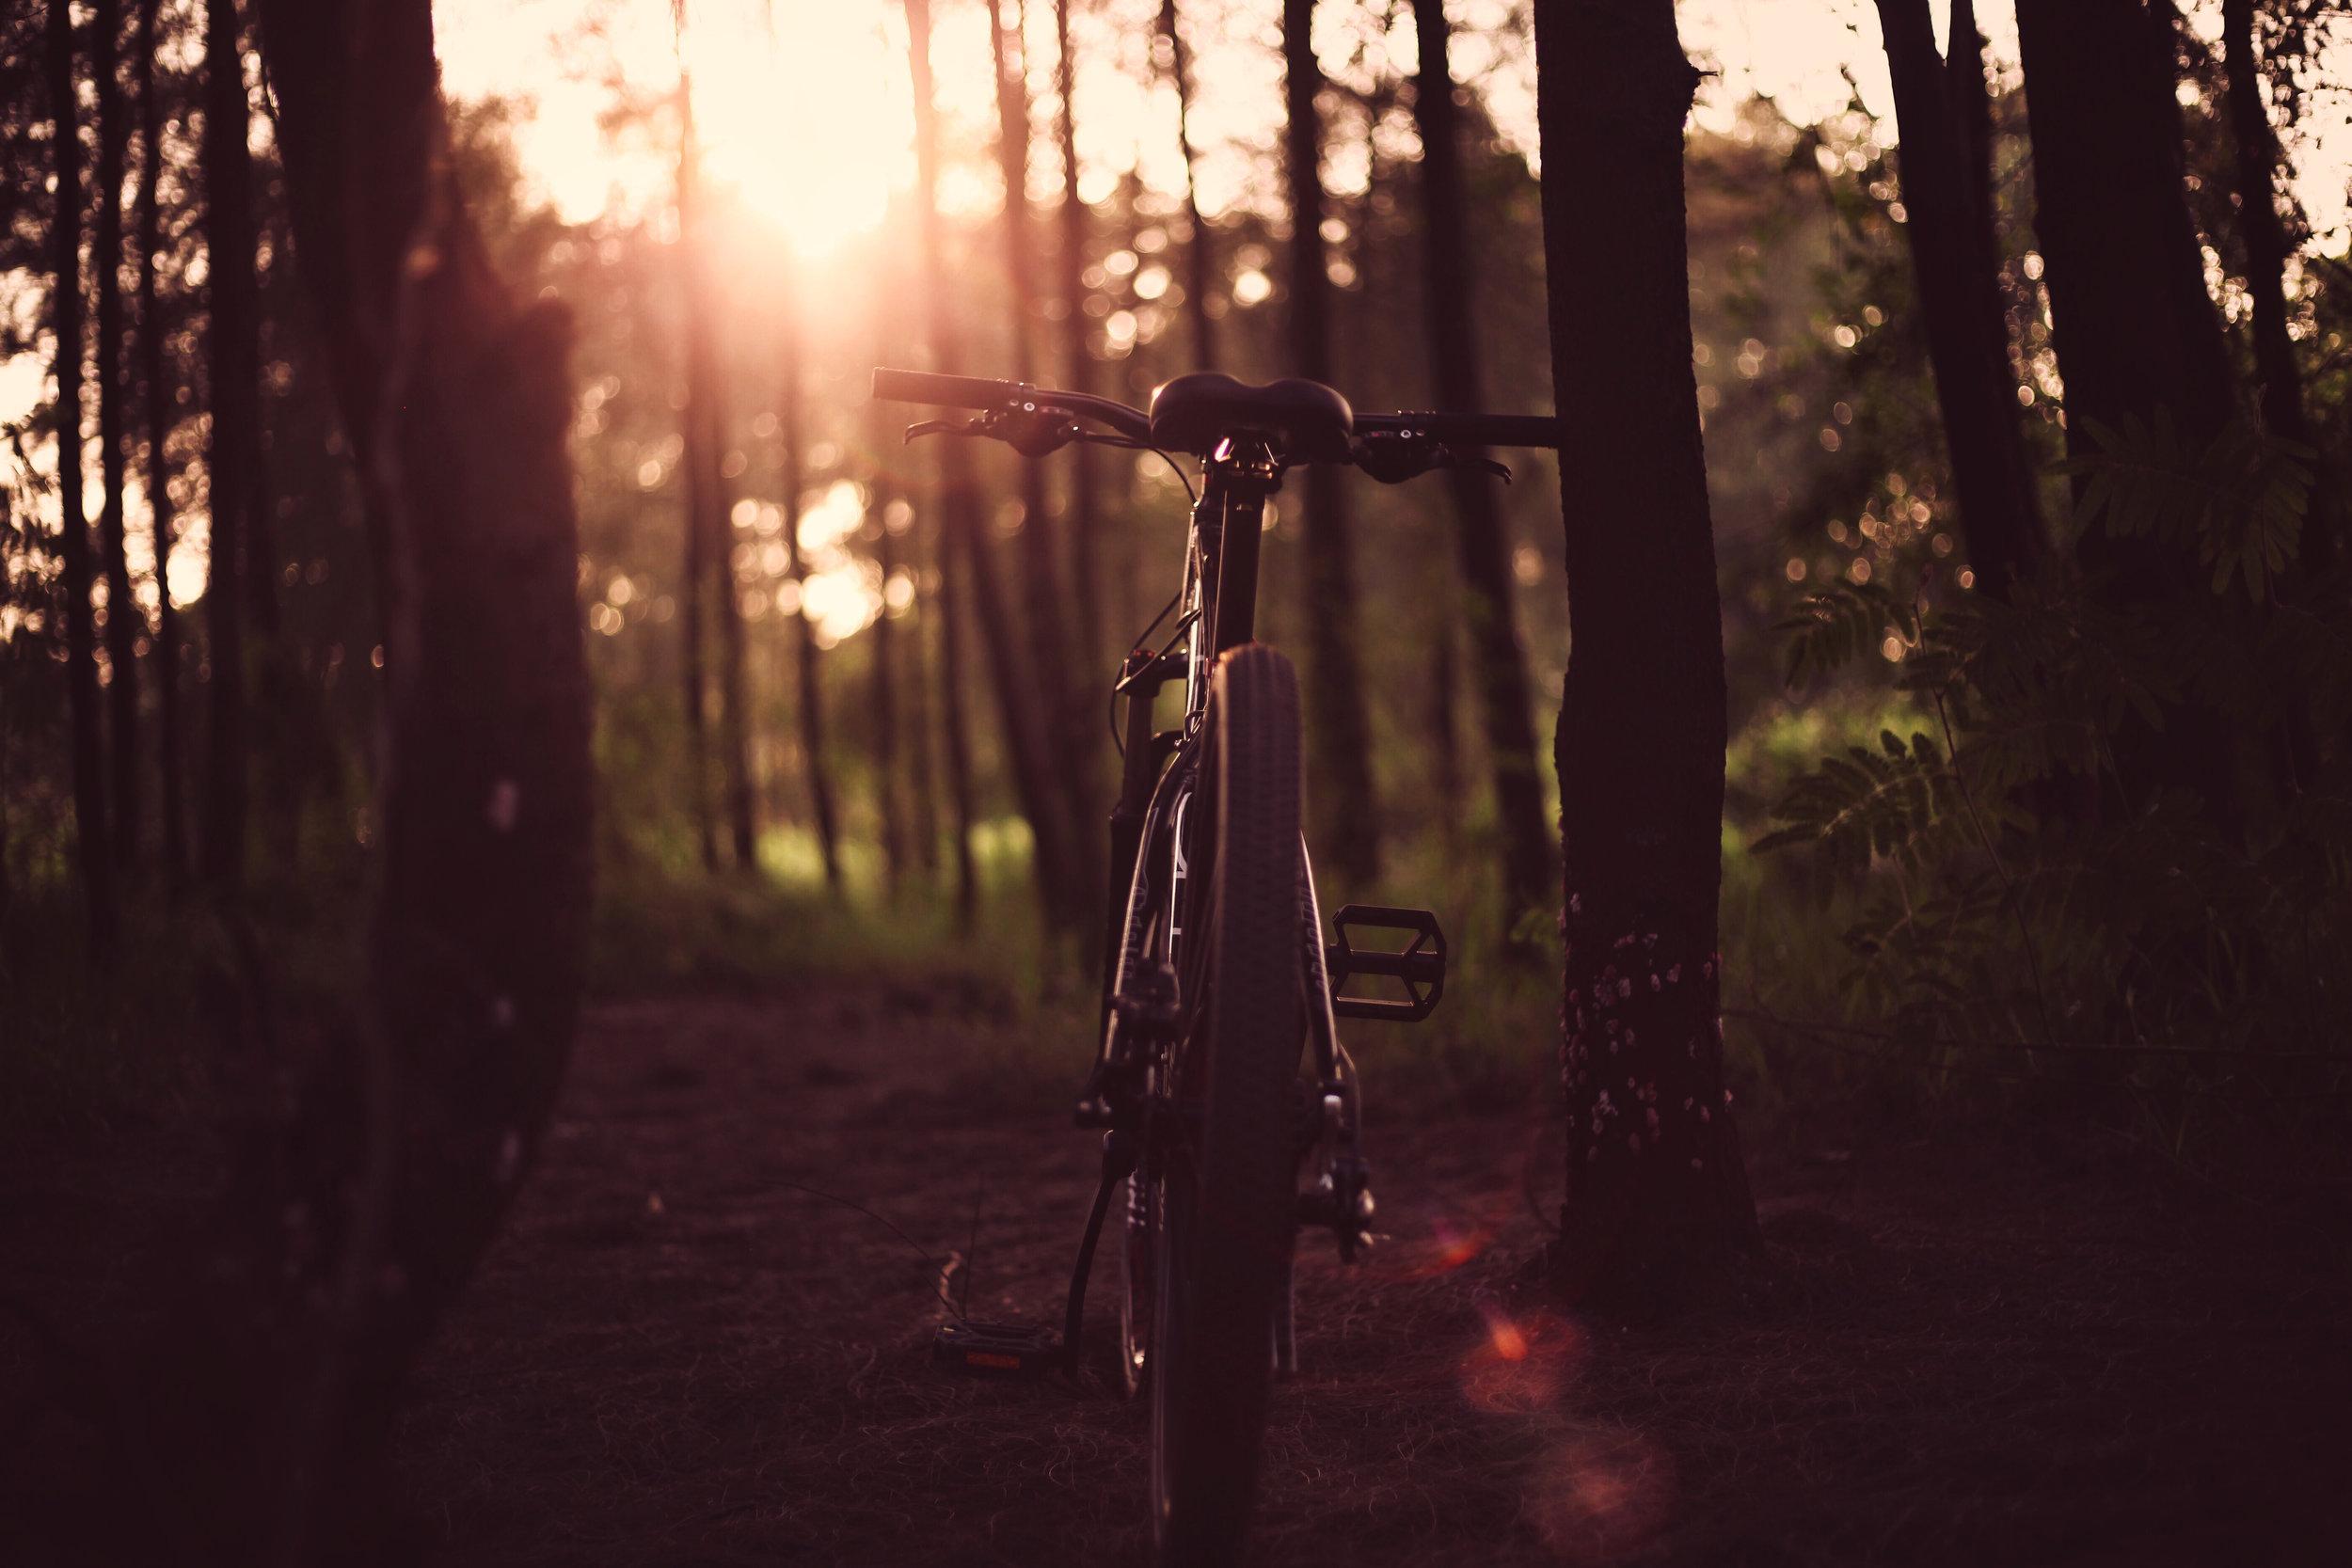 workshops_trail_bike.jpg